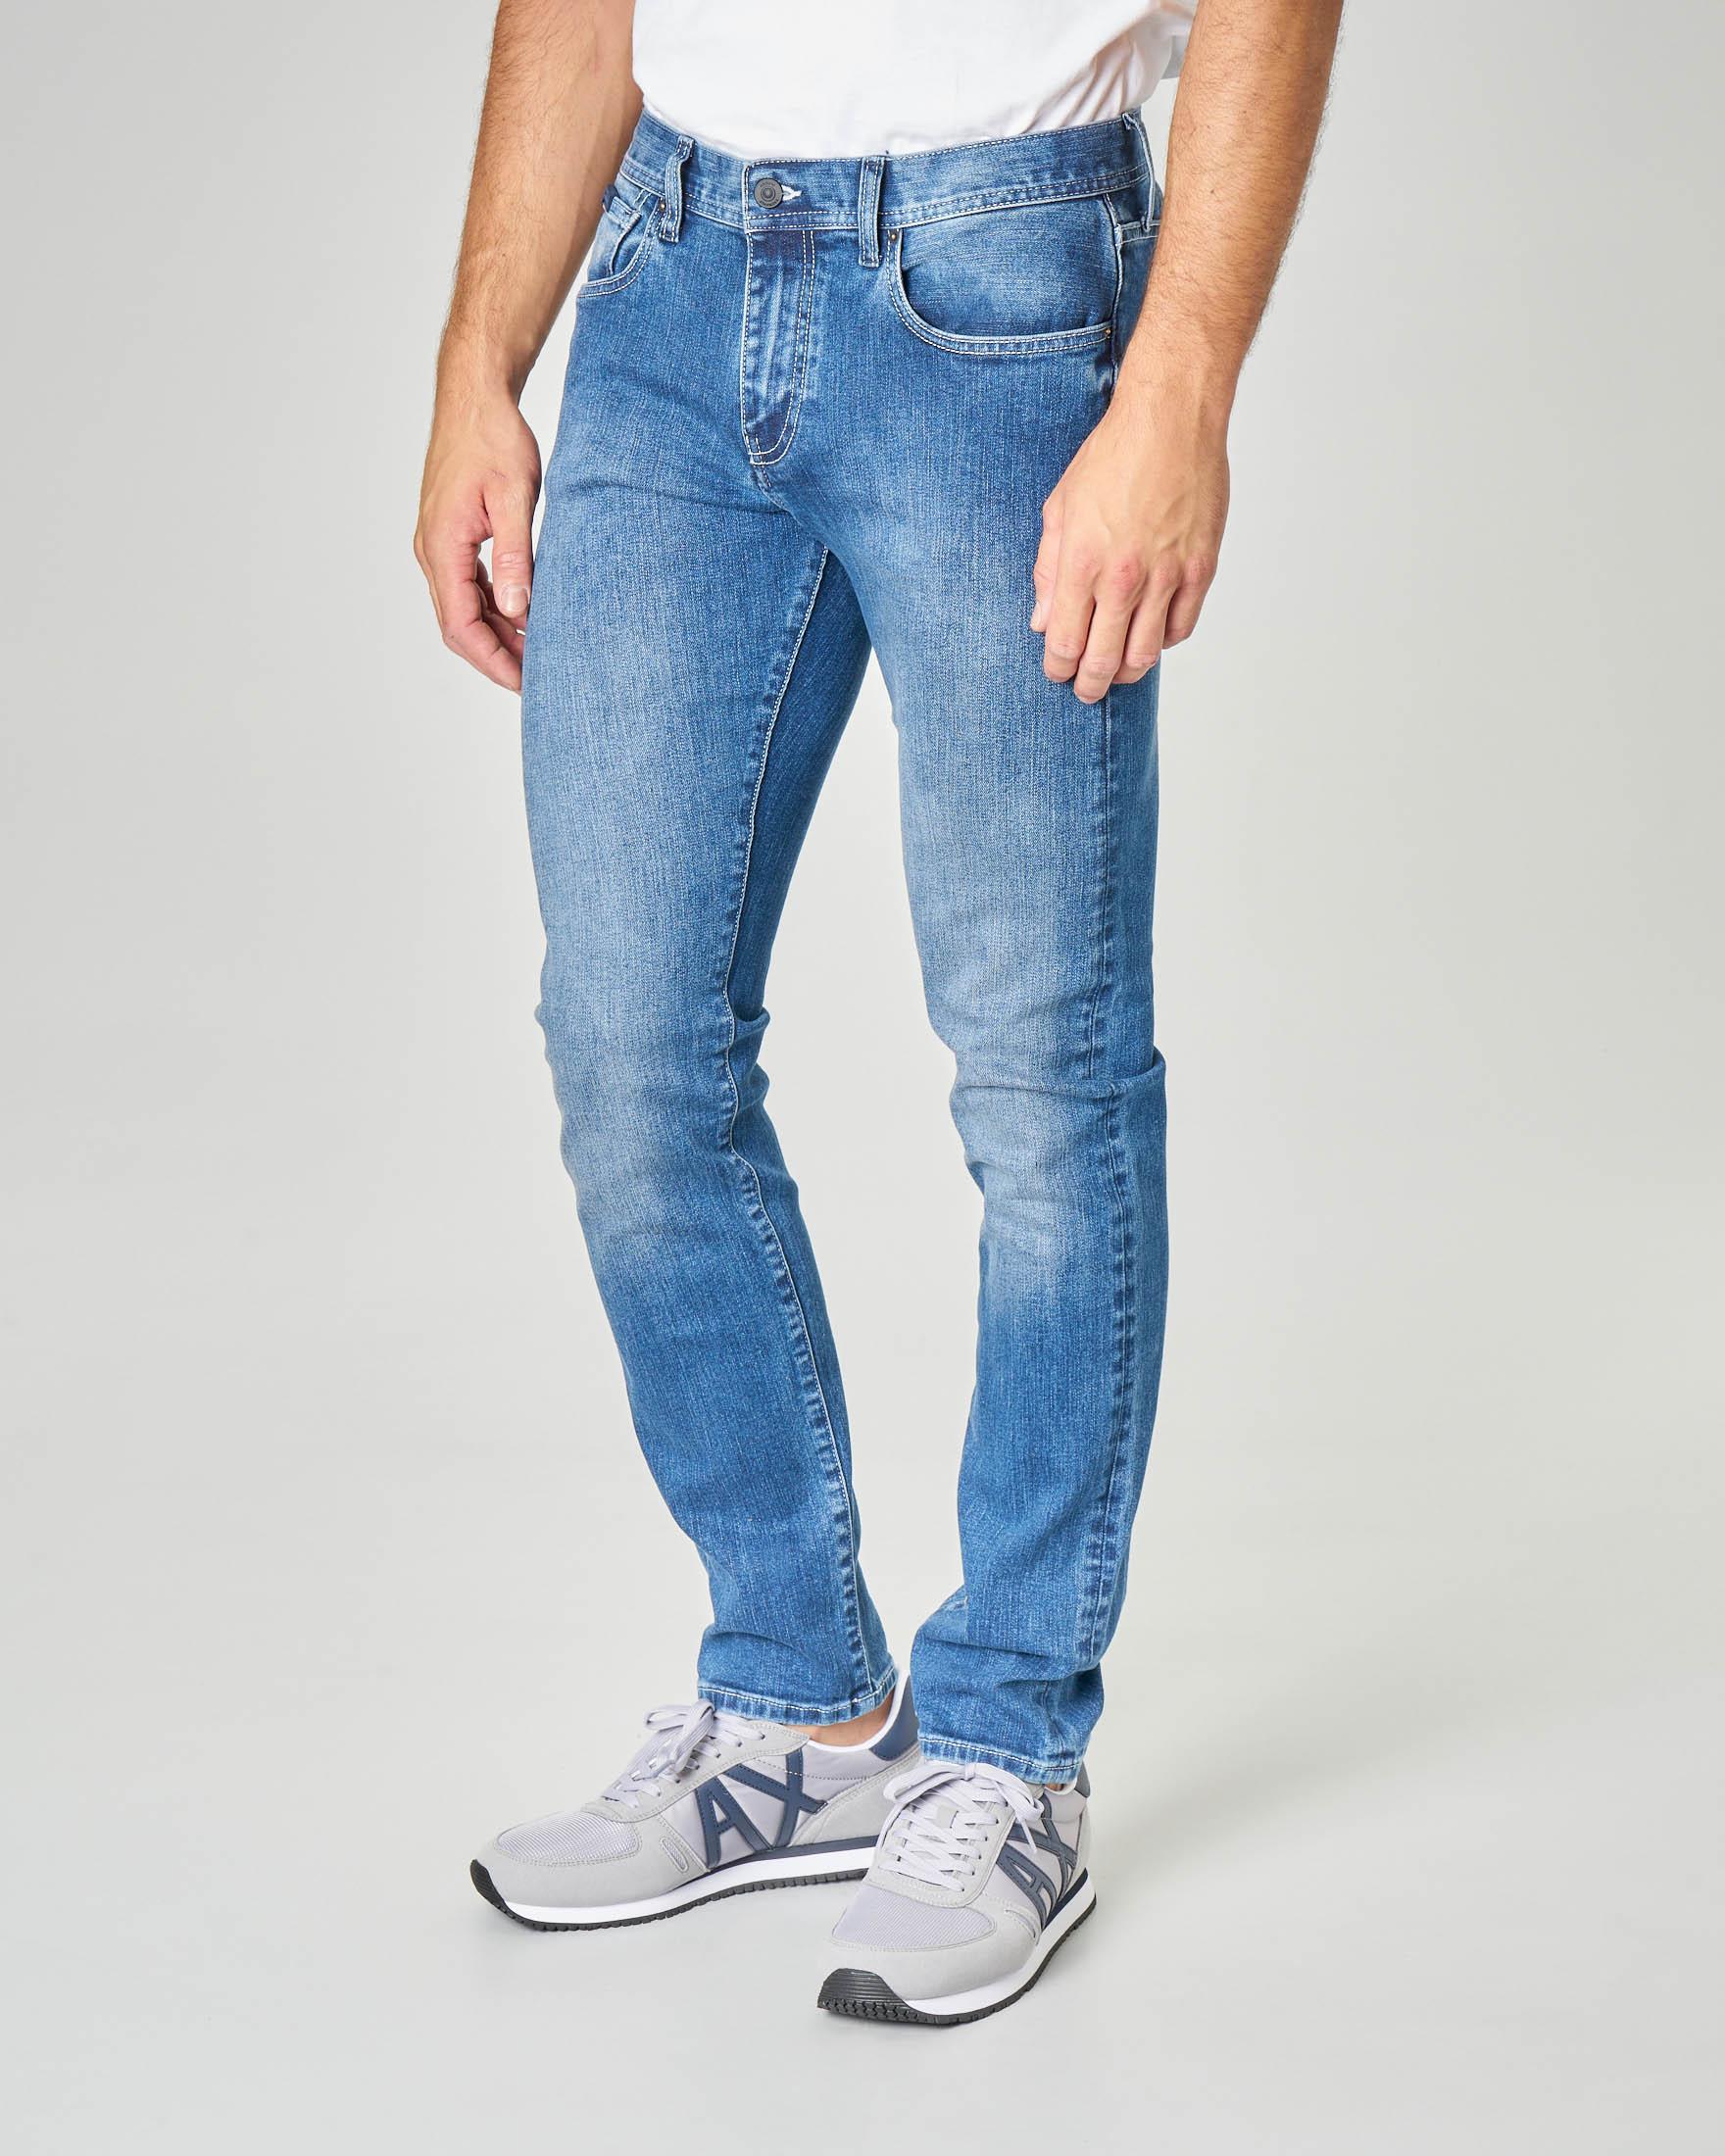 Jeans J13 lavaggio super stone wash in cotone stretch